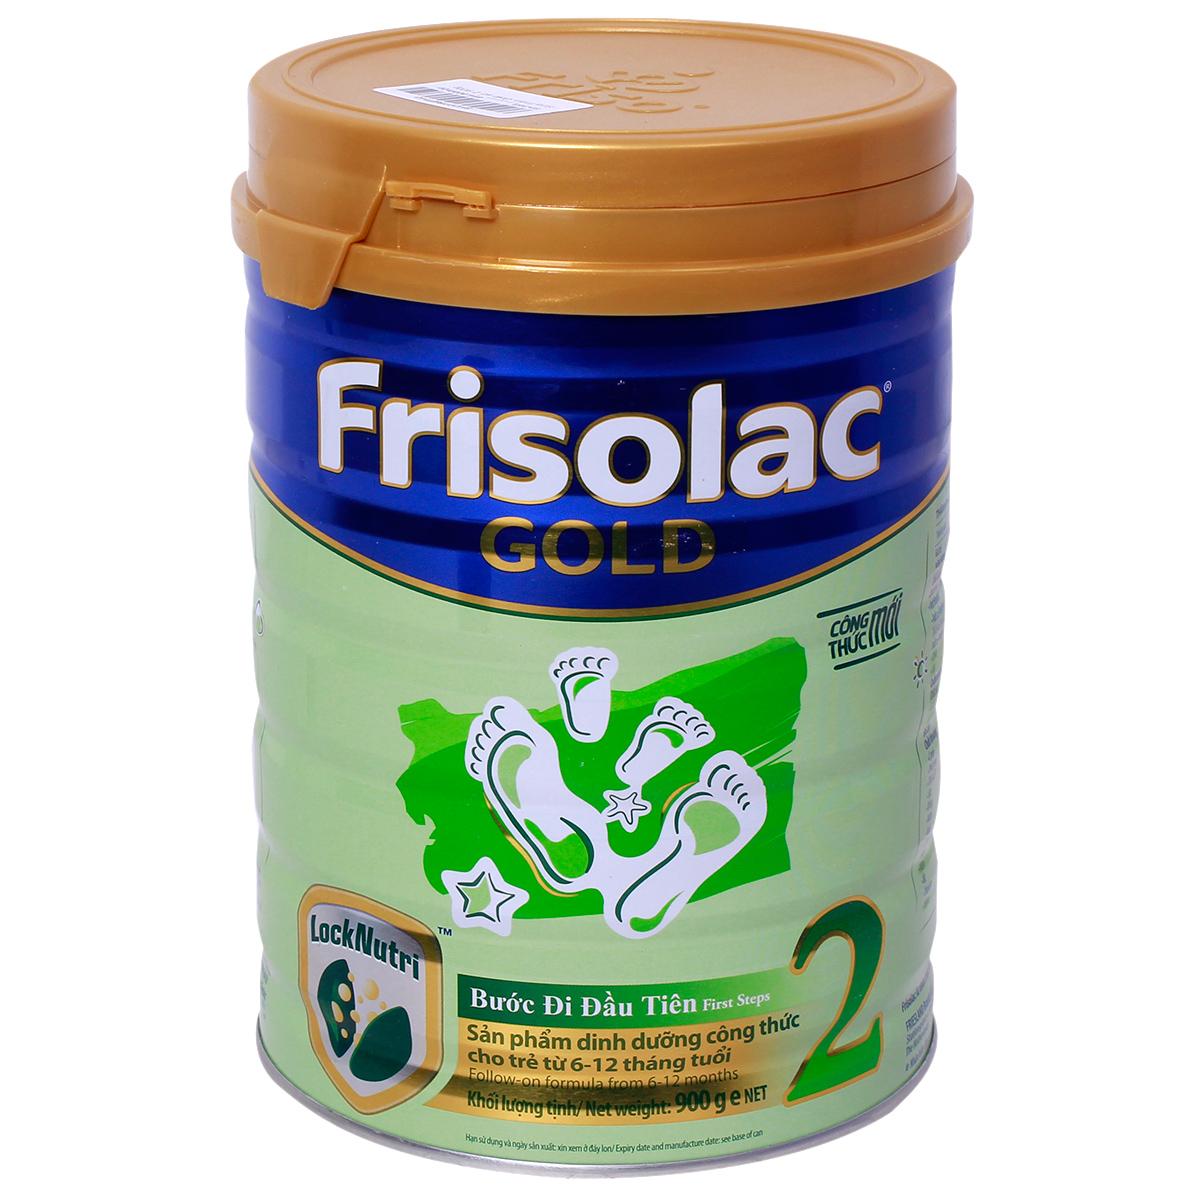 Kết quả hình ảnh cho Sữa Frisolac Gold số 2 900g